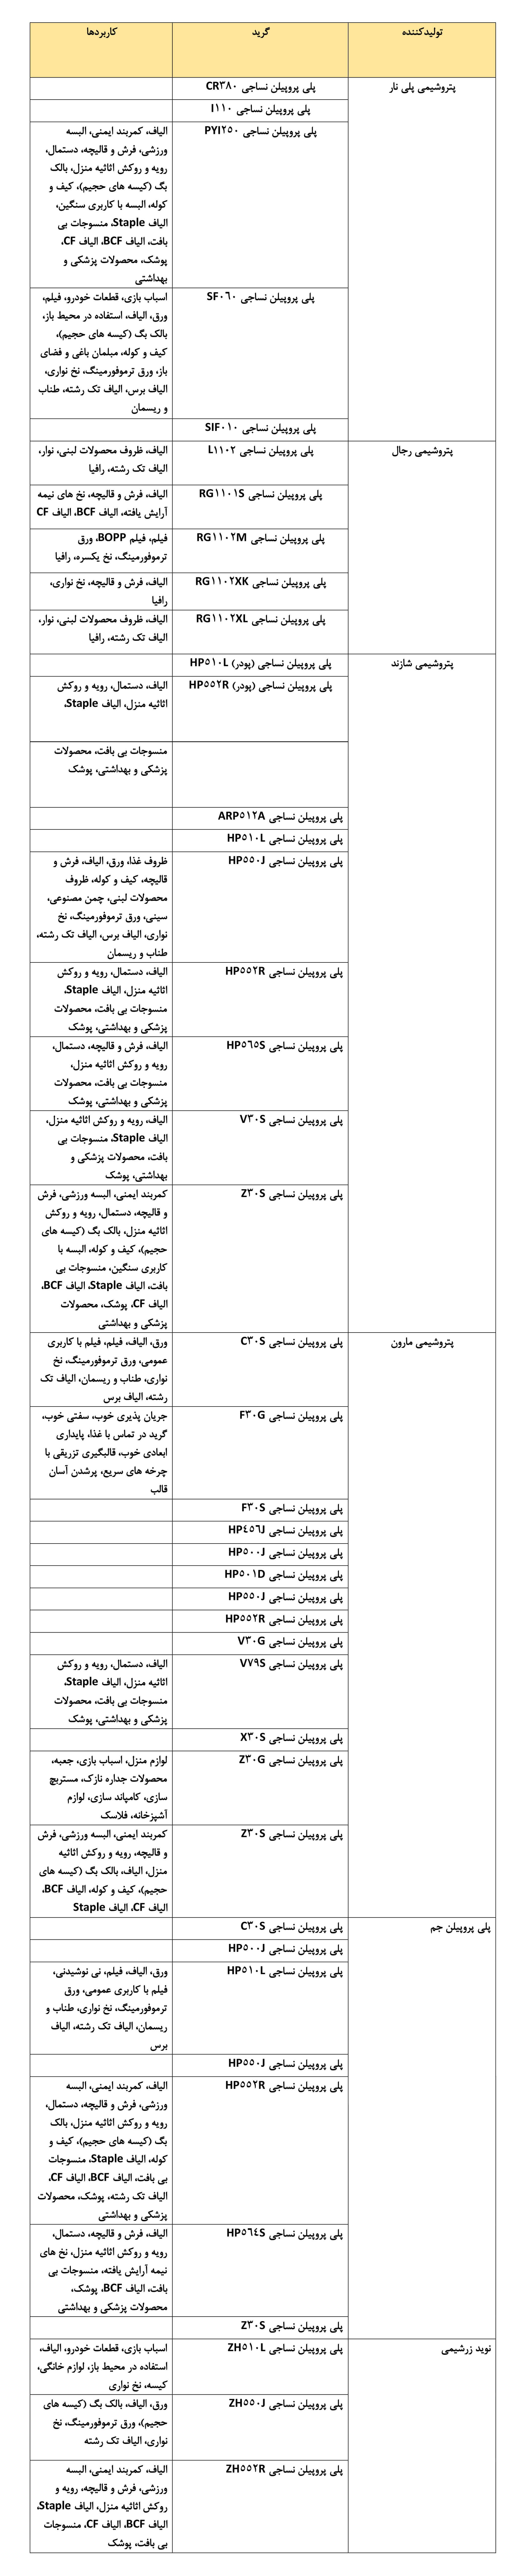 تولیدکنندگان پلیپروپیلن نساجی در ایران